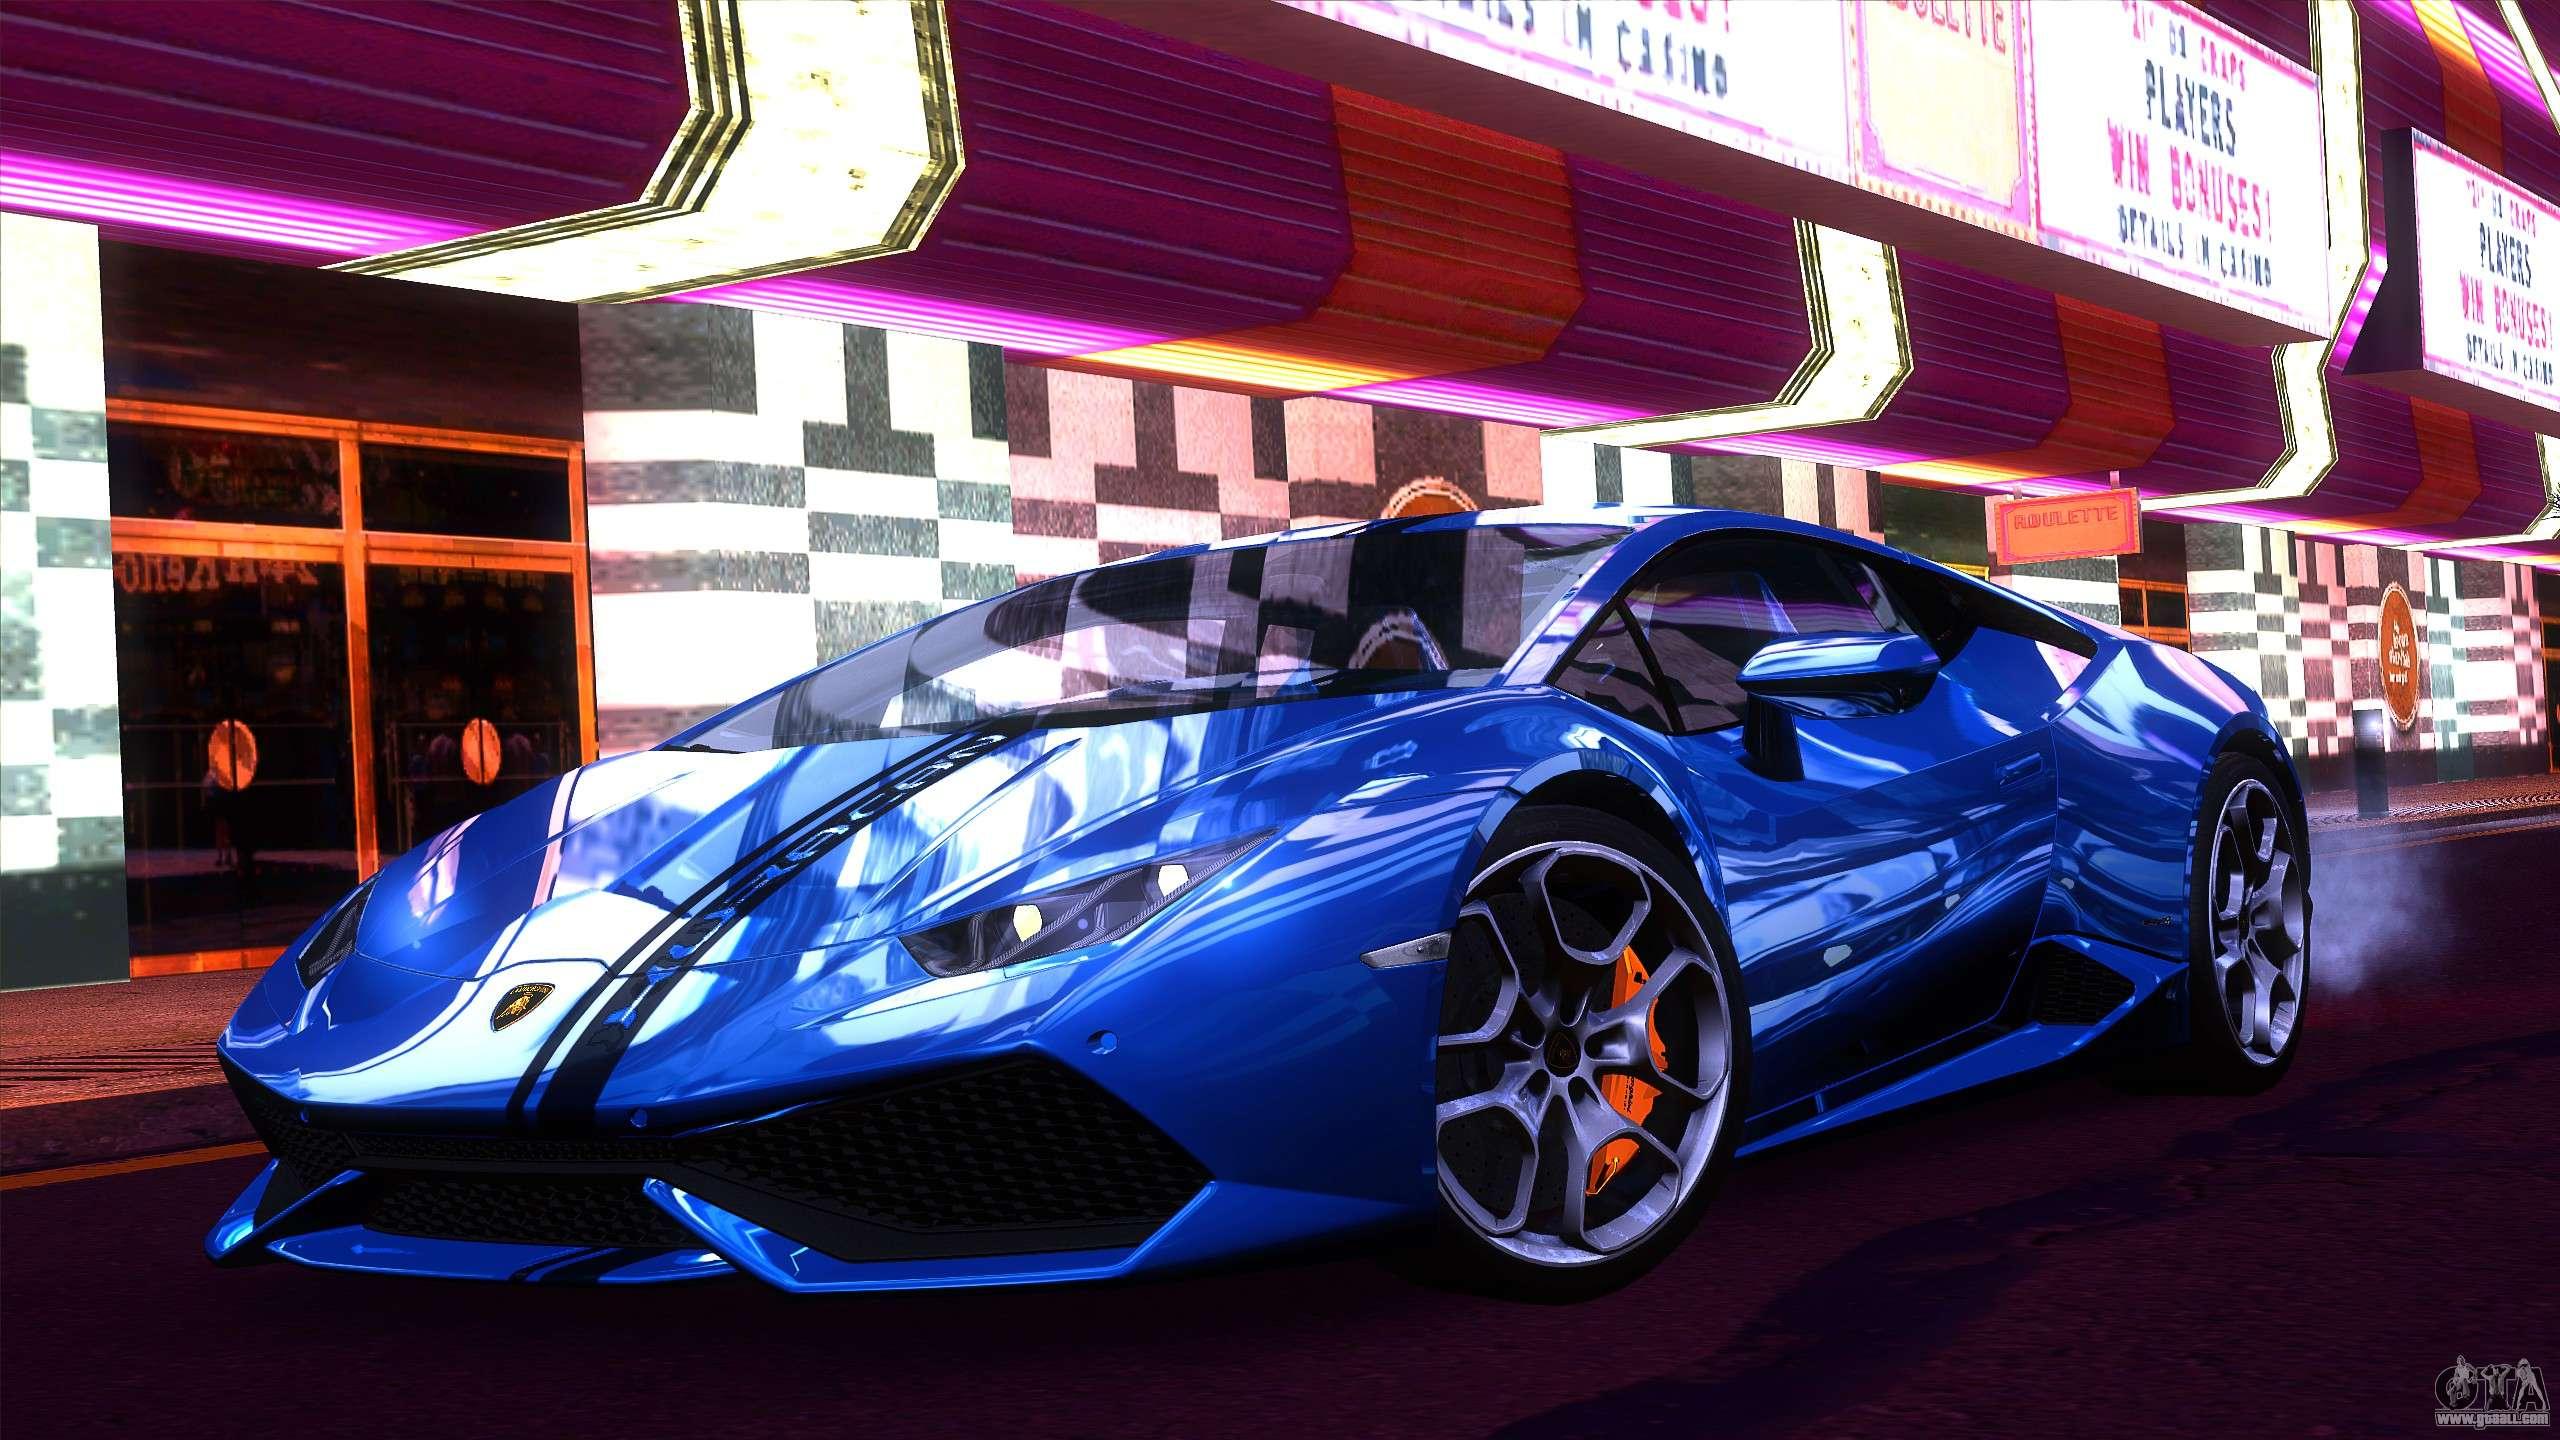 GTA San Andreas Cheats For PlayStation (PS2)